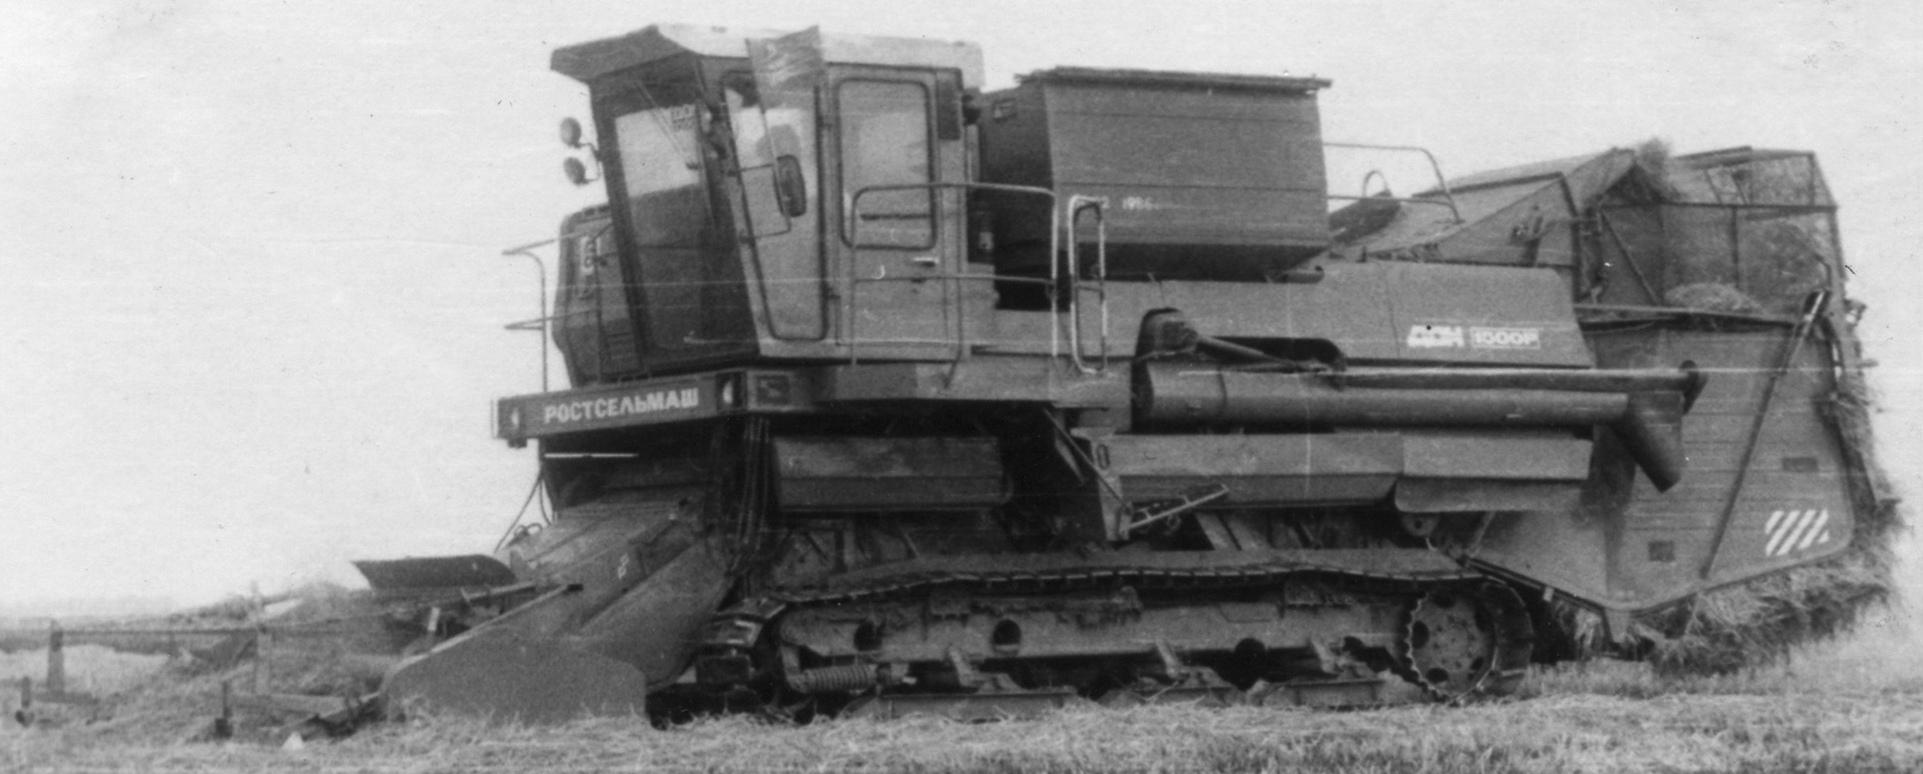 2don-1500r-1986a-2048kubszh.jpg